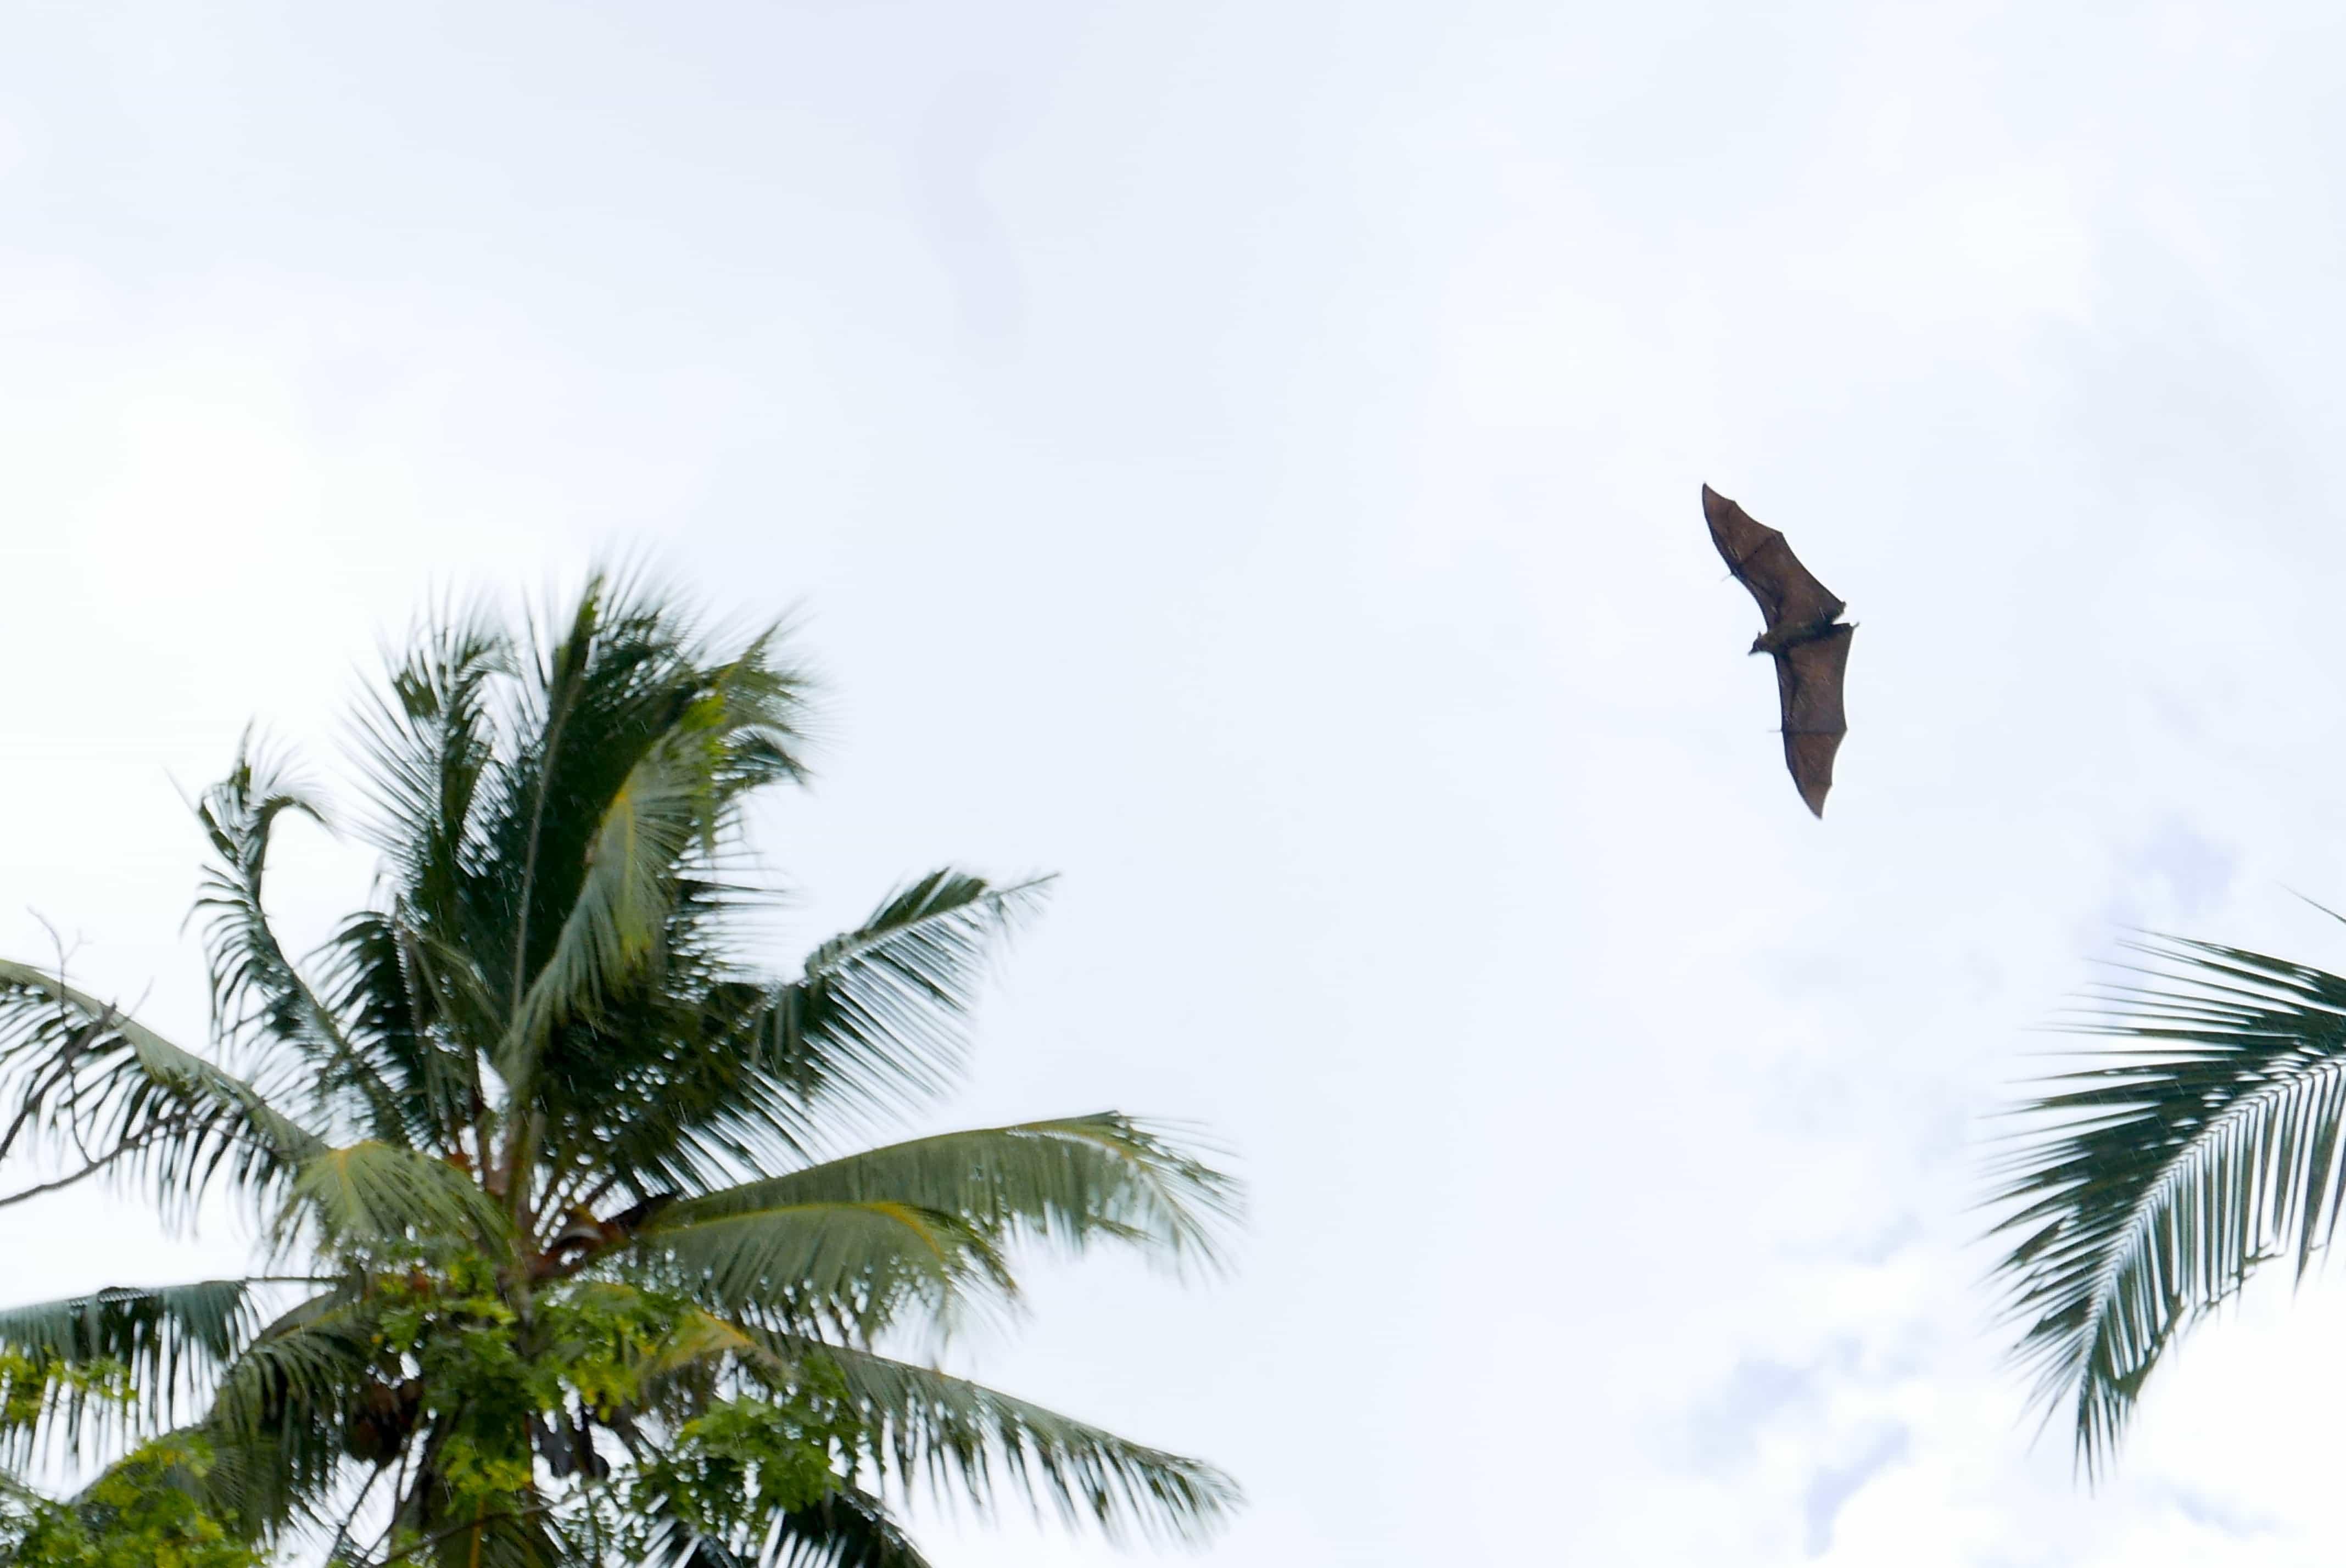 שועלים מעופפים מה לעשות באי מאפיה